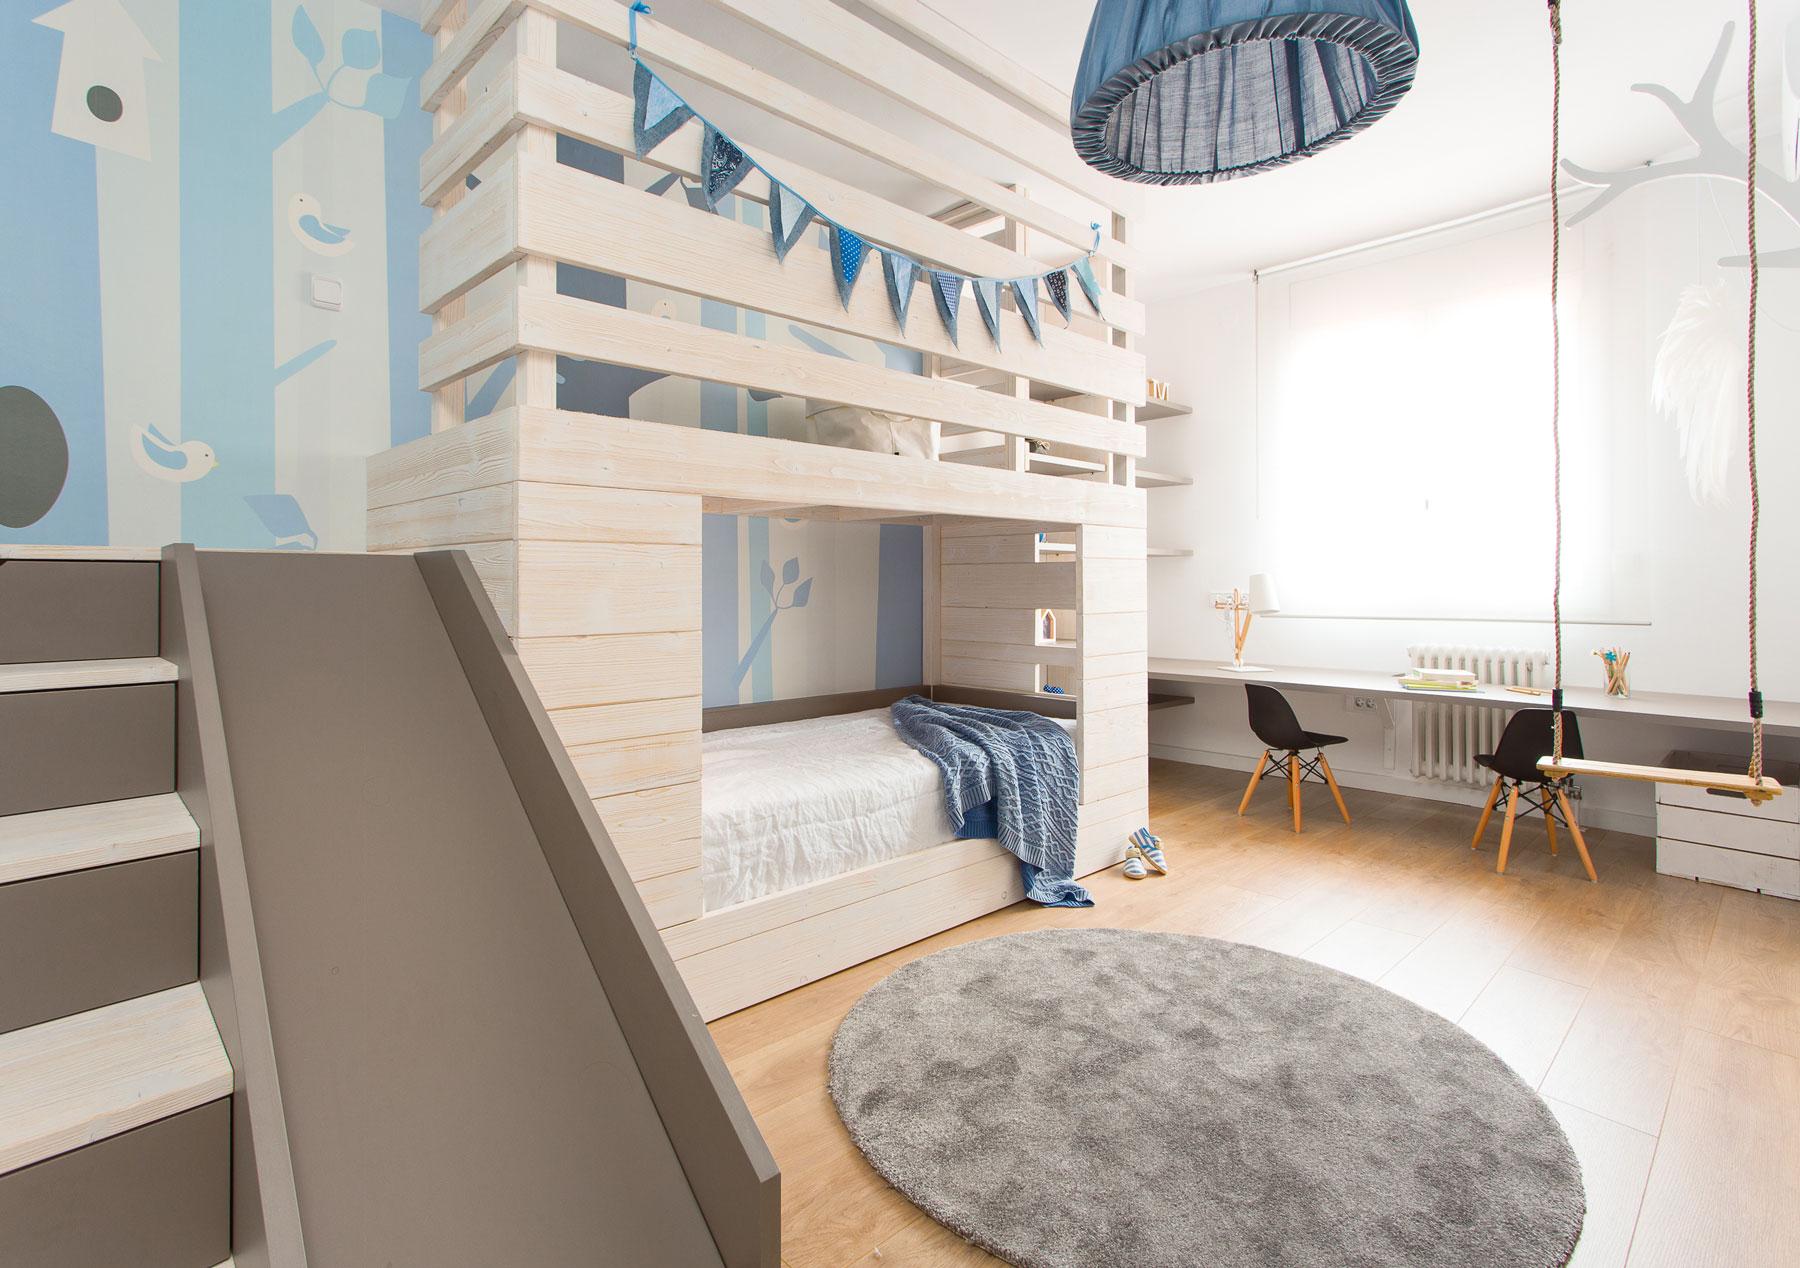 Guillem's room